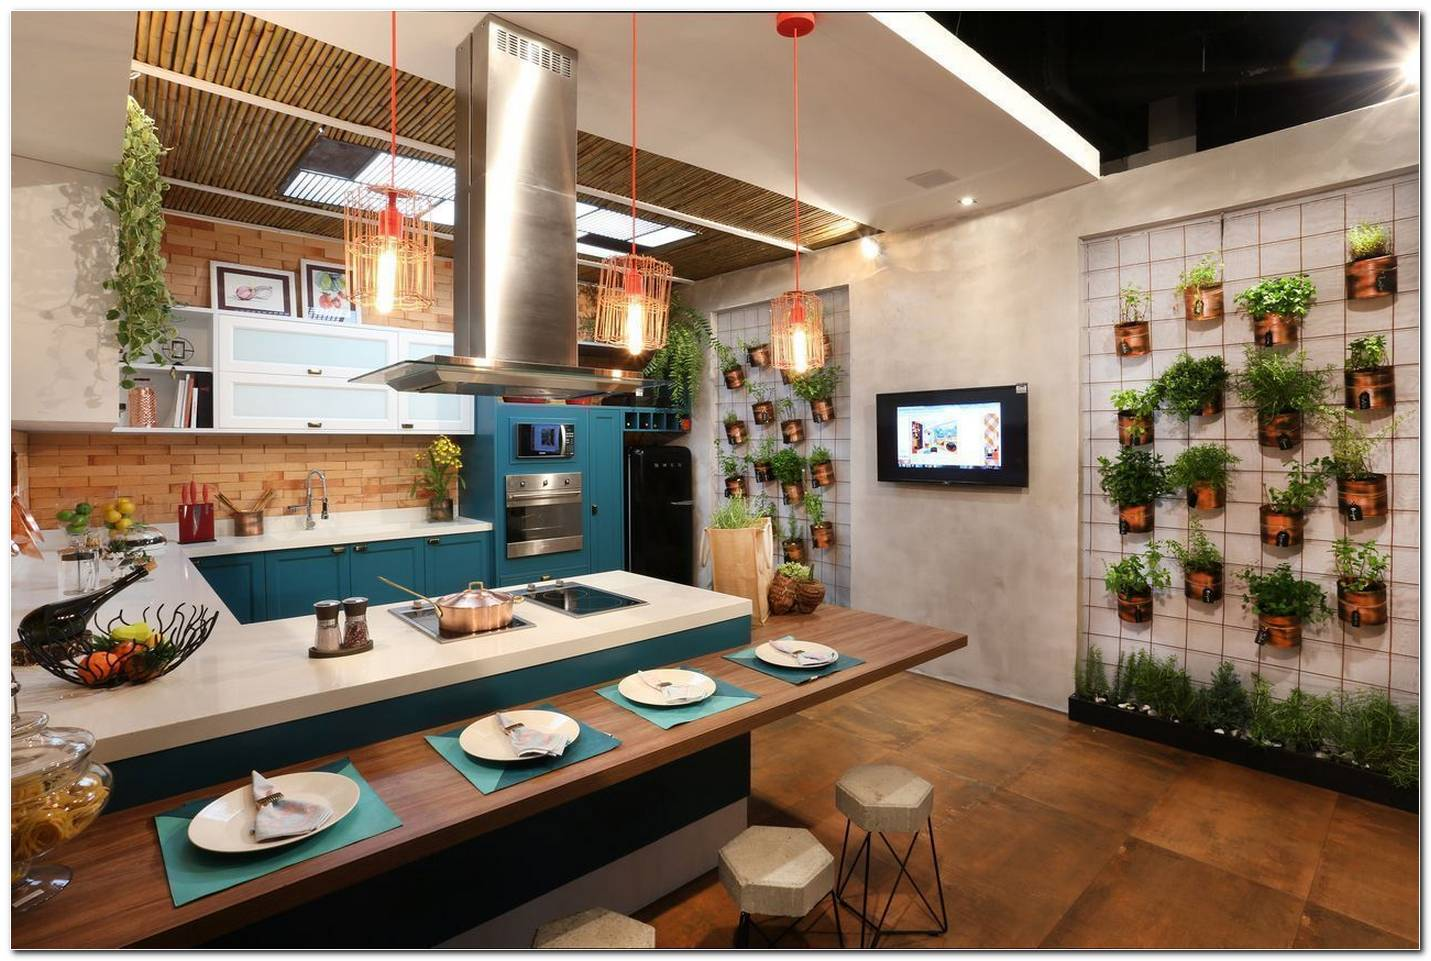 Cozinha Externa 28 Modelos Projetos E Dicas De Decoração